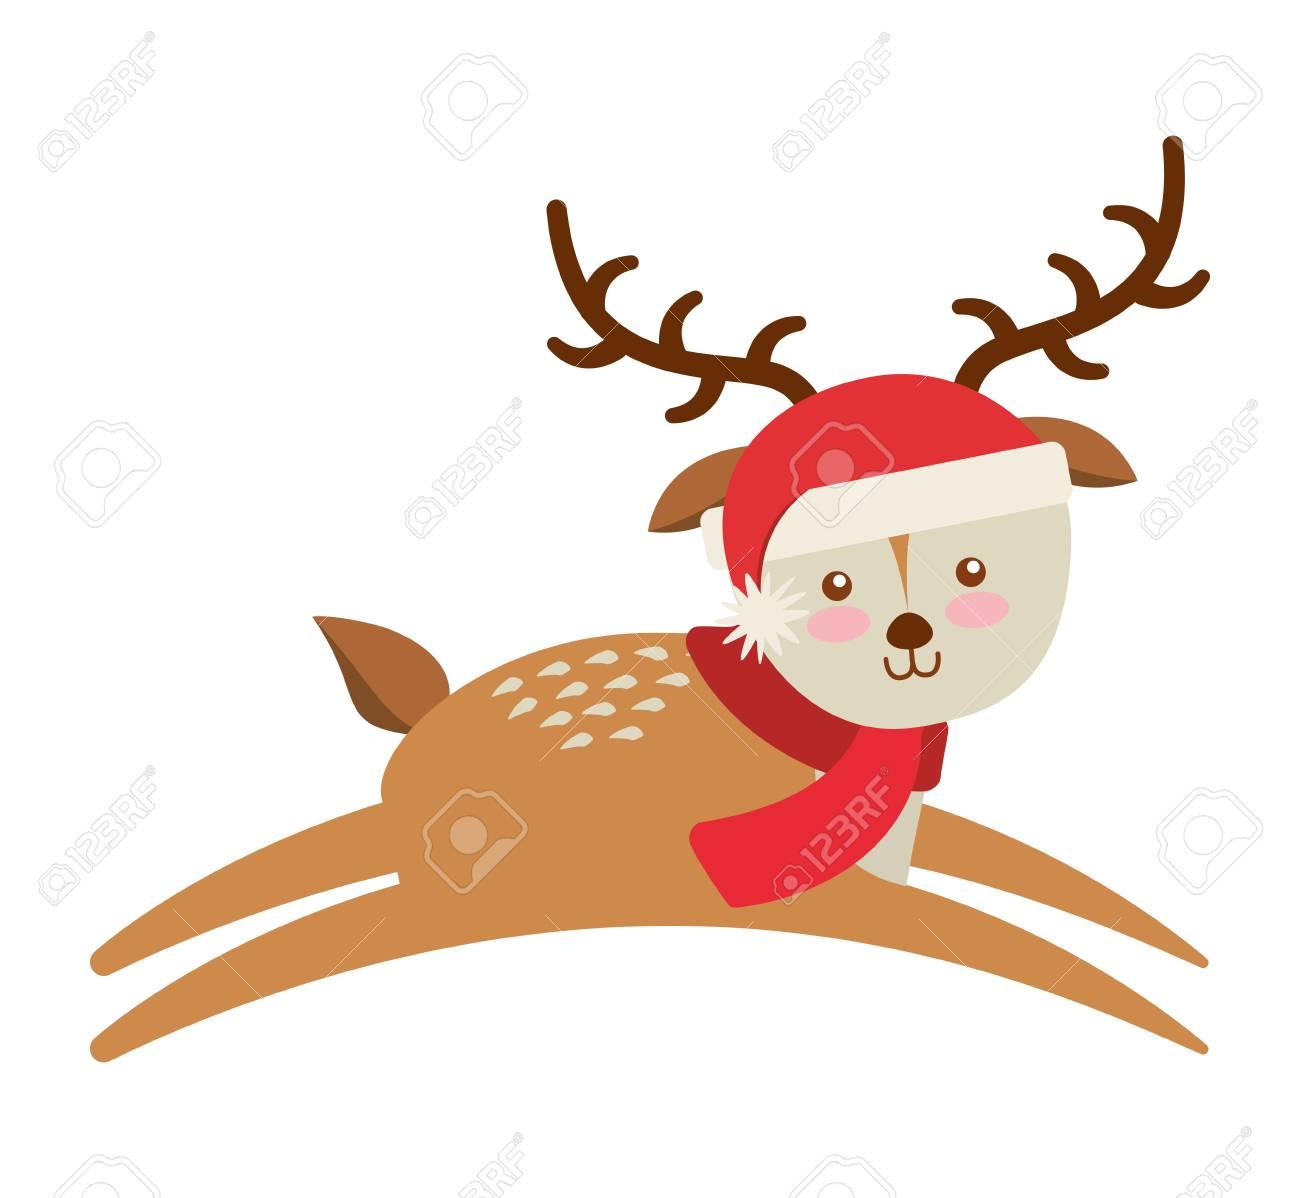 クリスマスの服とかわいい動物ベクトル イラスト デザイン ロイヤリティ